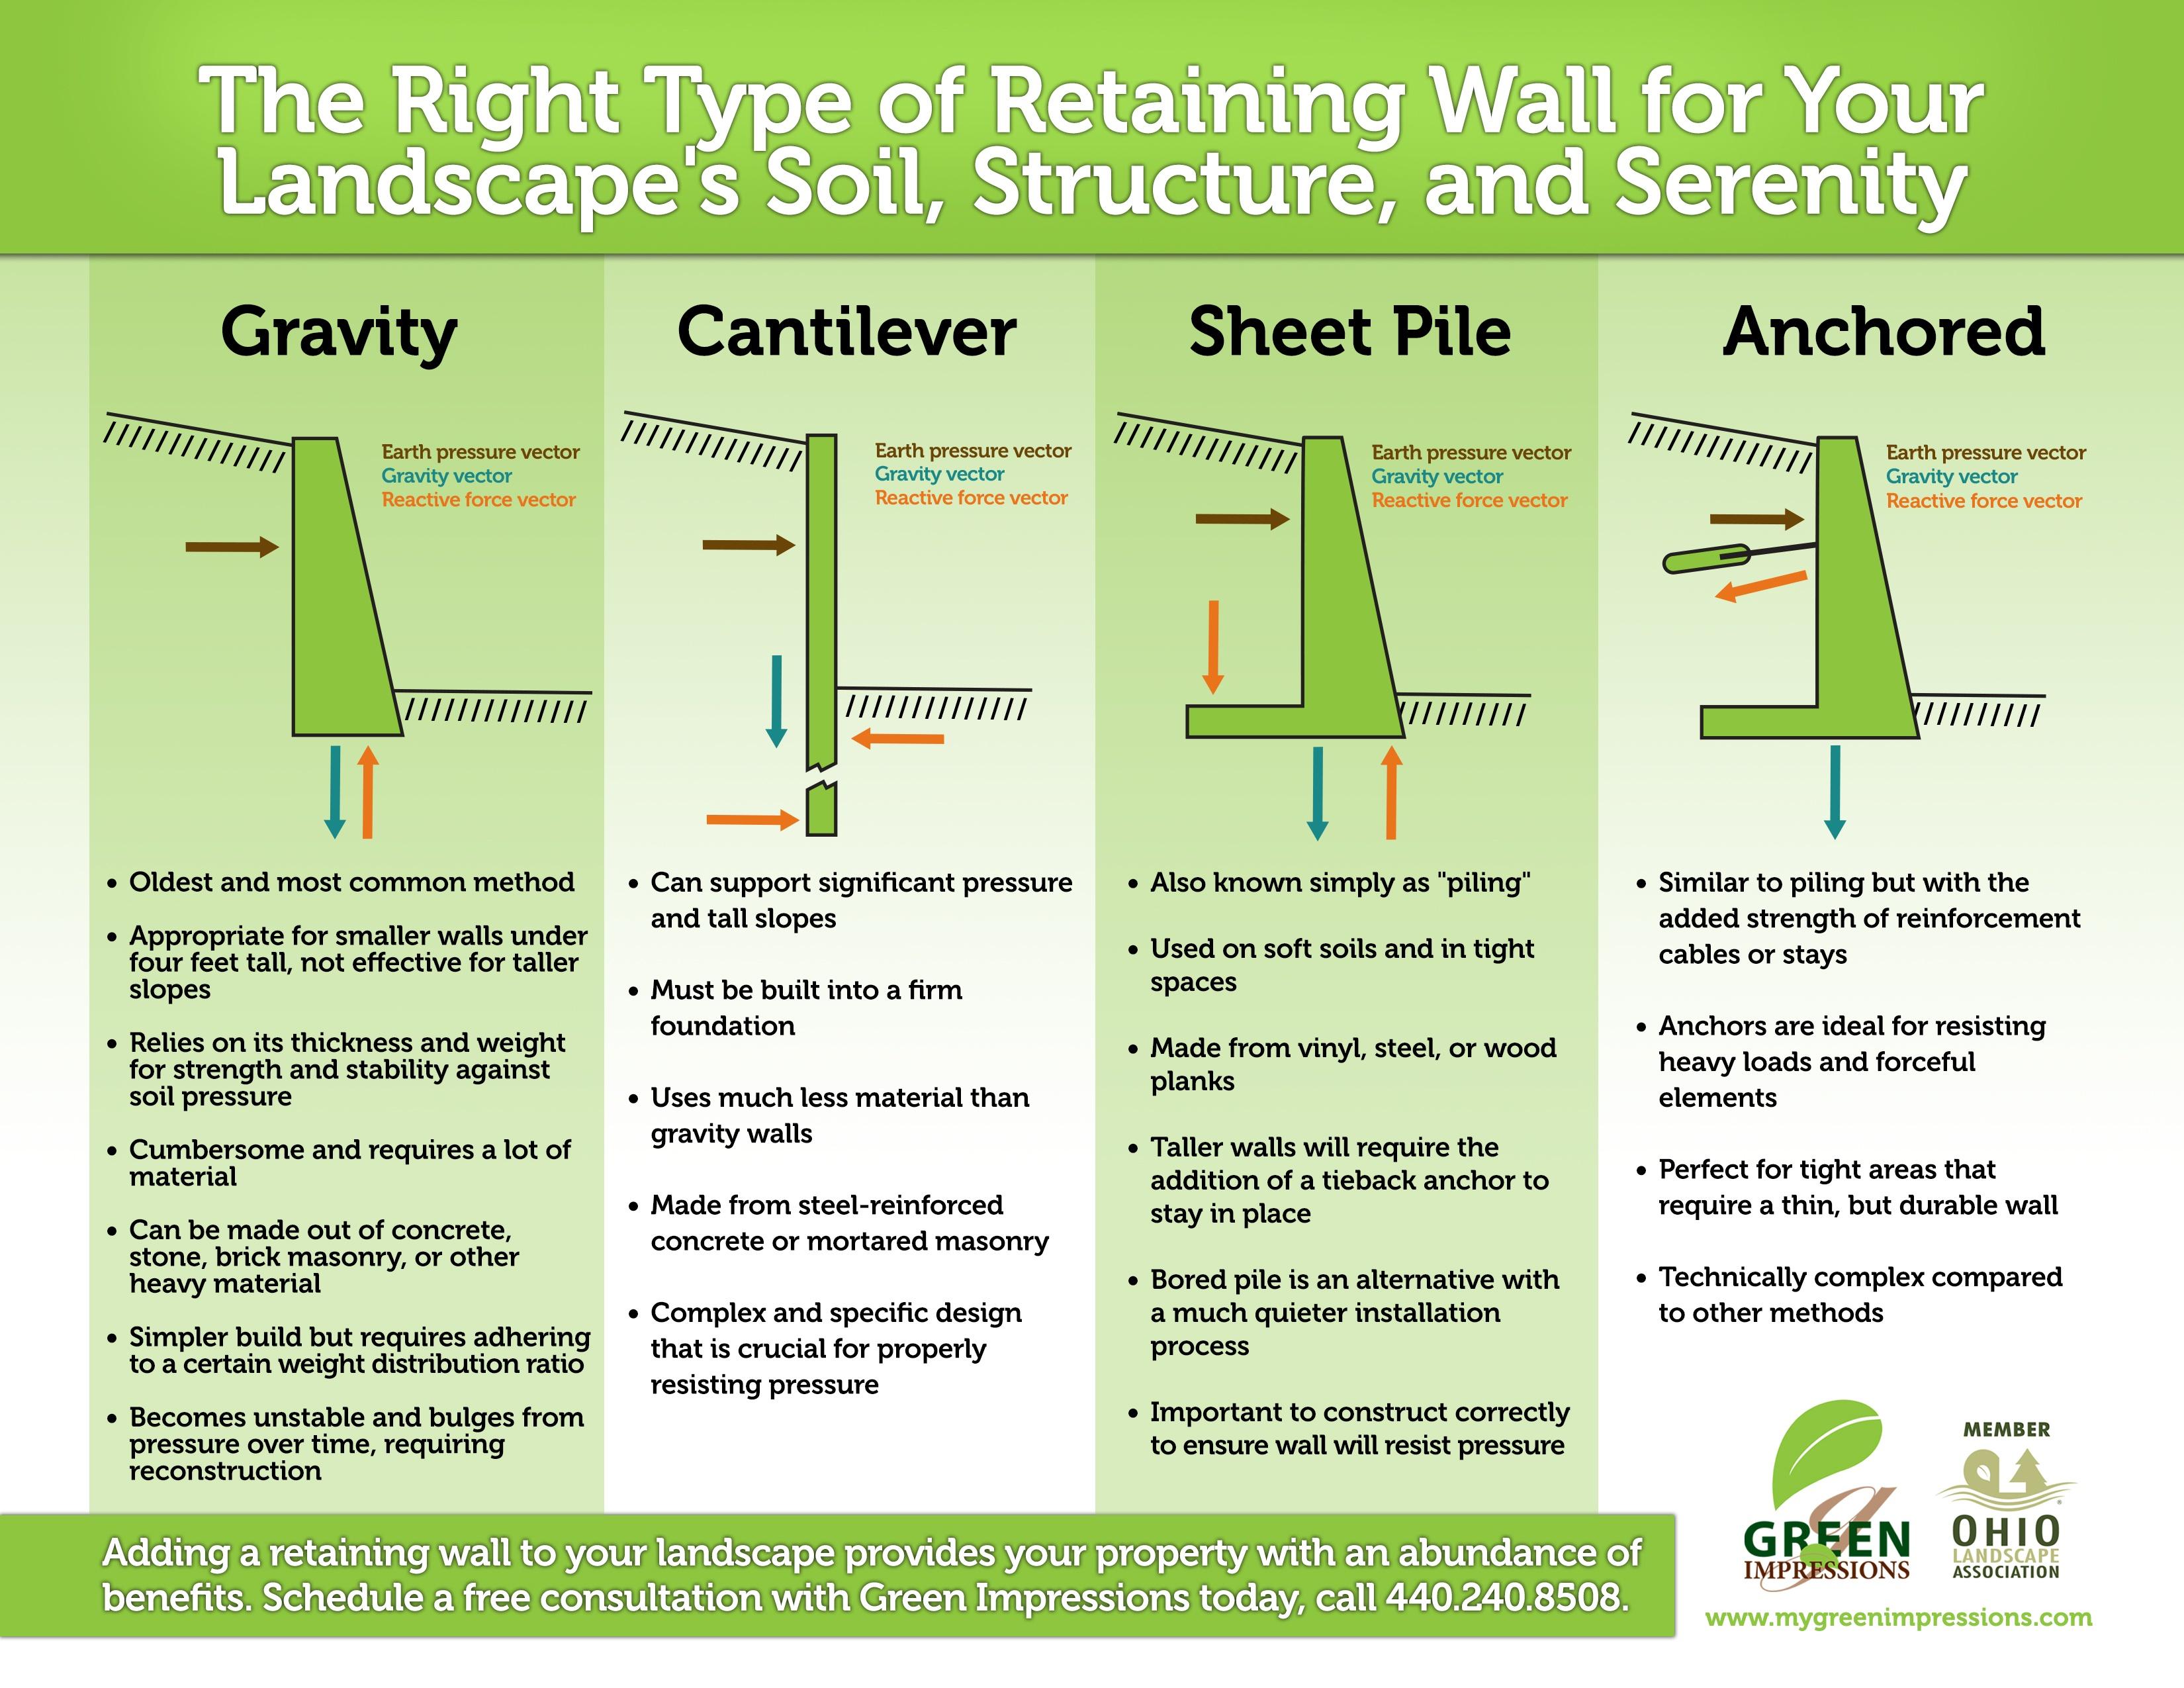 gi-retaining-walls-02.jpg